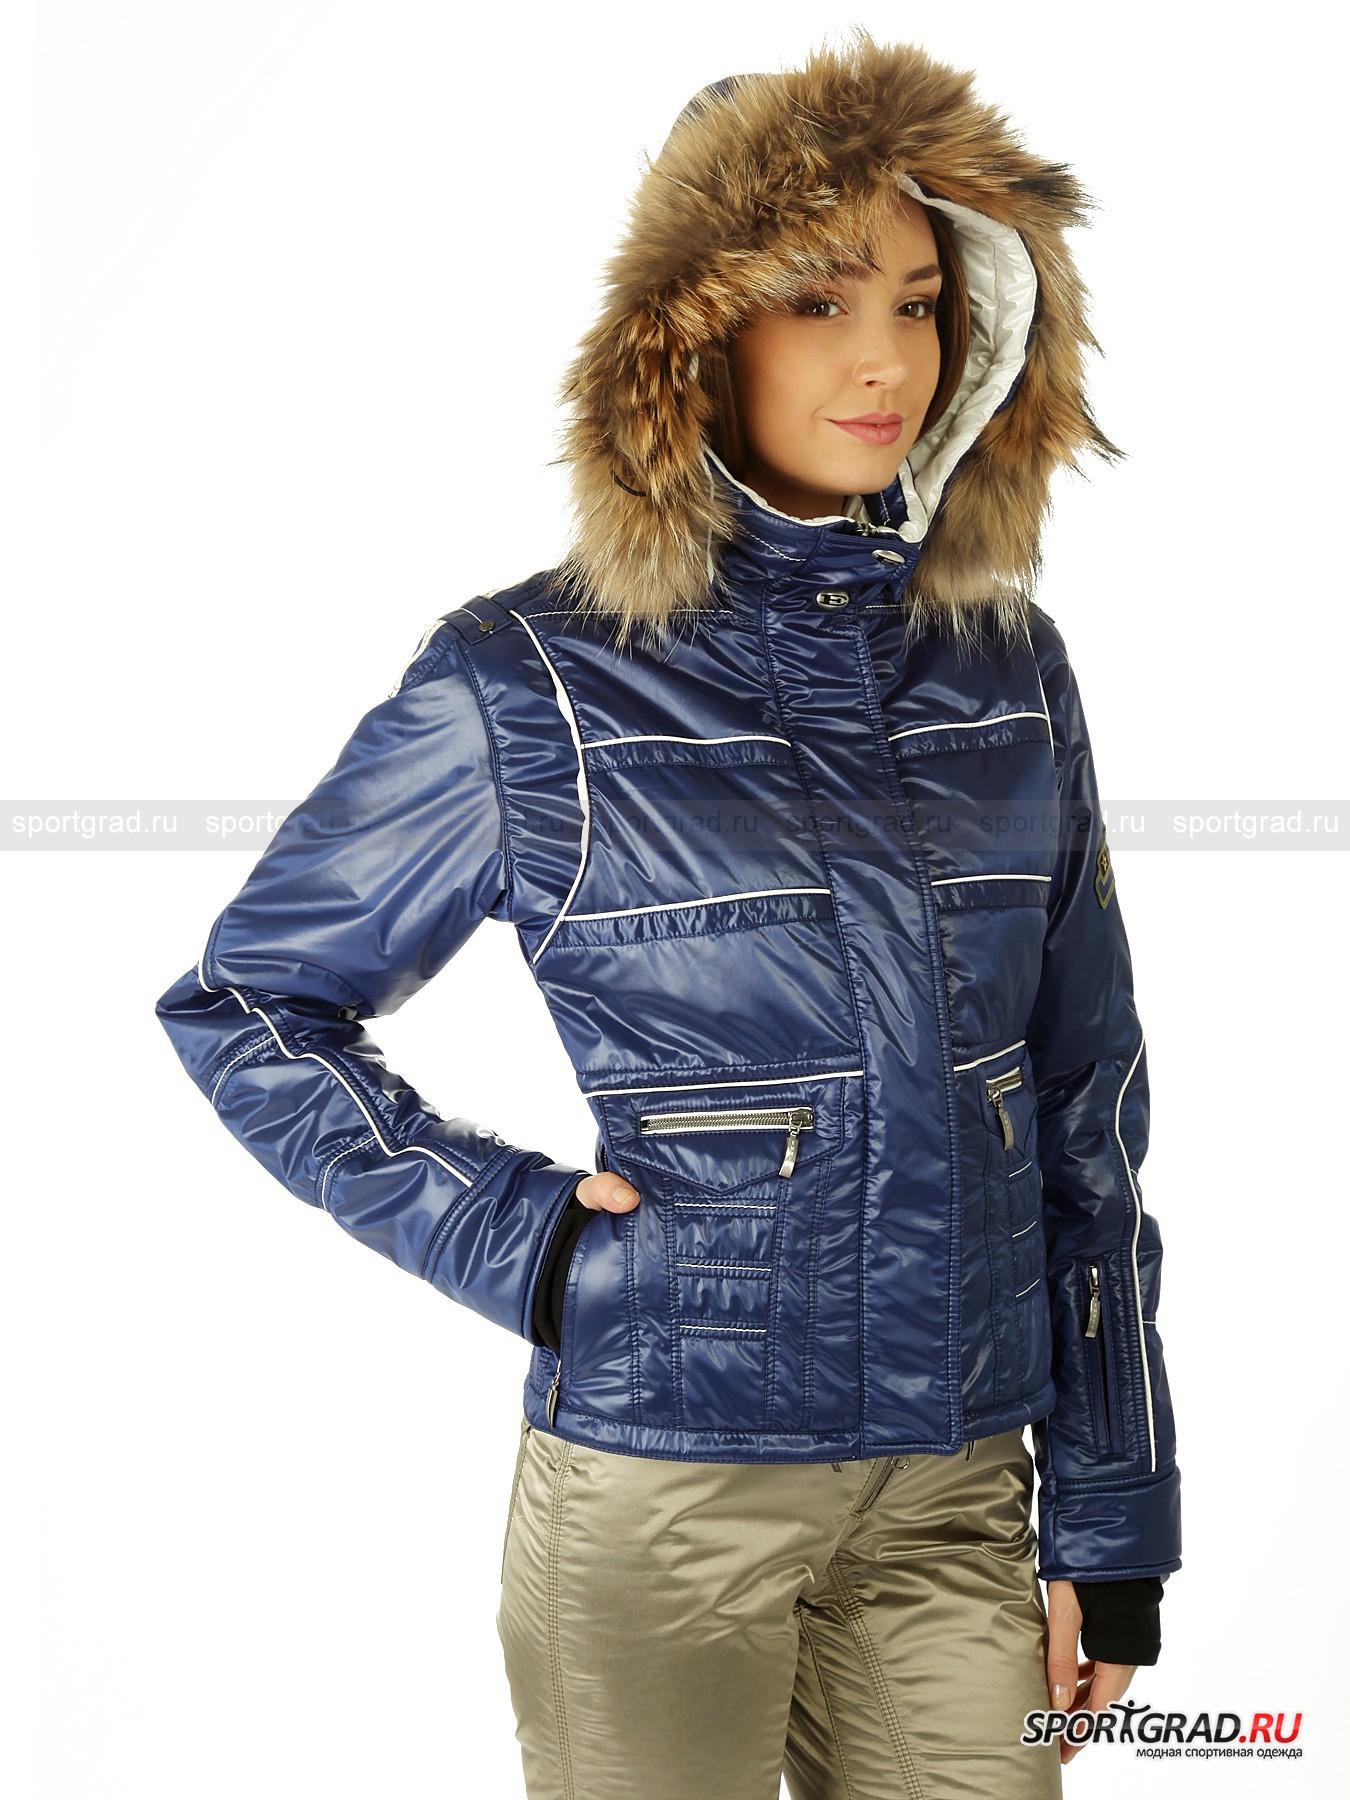 Куртка женcкая CASSIEP с мехом на капюшоне EMMEGI от Спортград